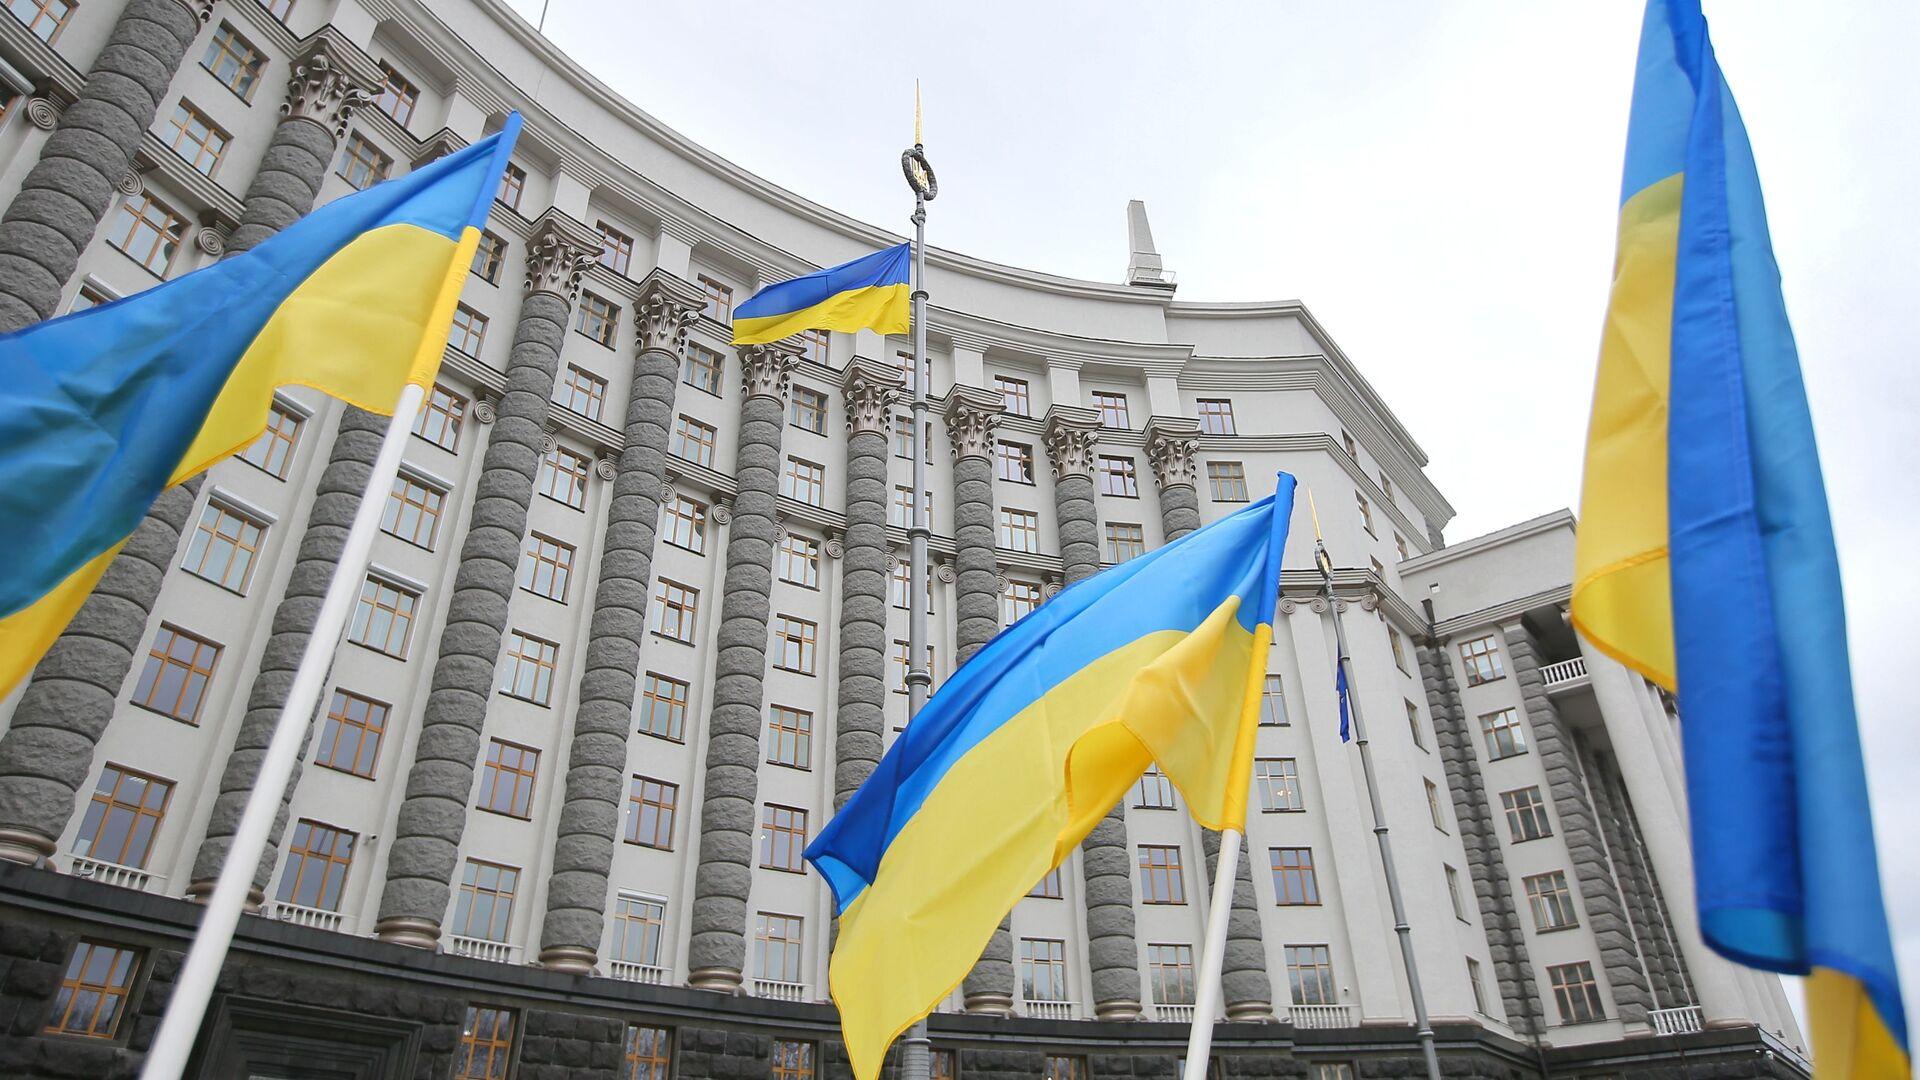 Ukrajinské vlajky u vládní budovy v Kyjevě - Sputnik Česká republika, 1920, 11.09.2021